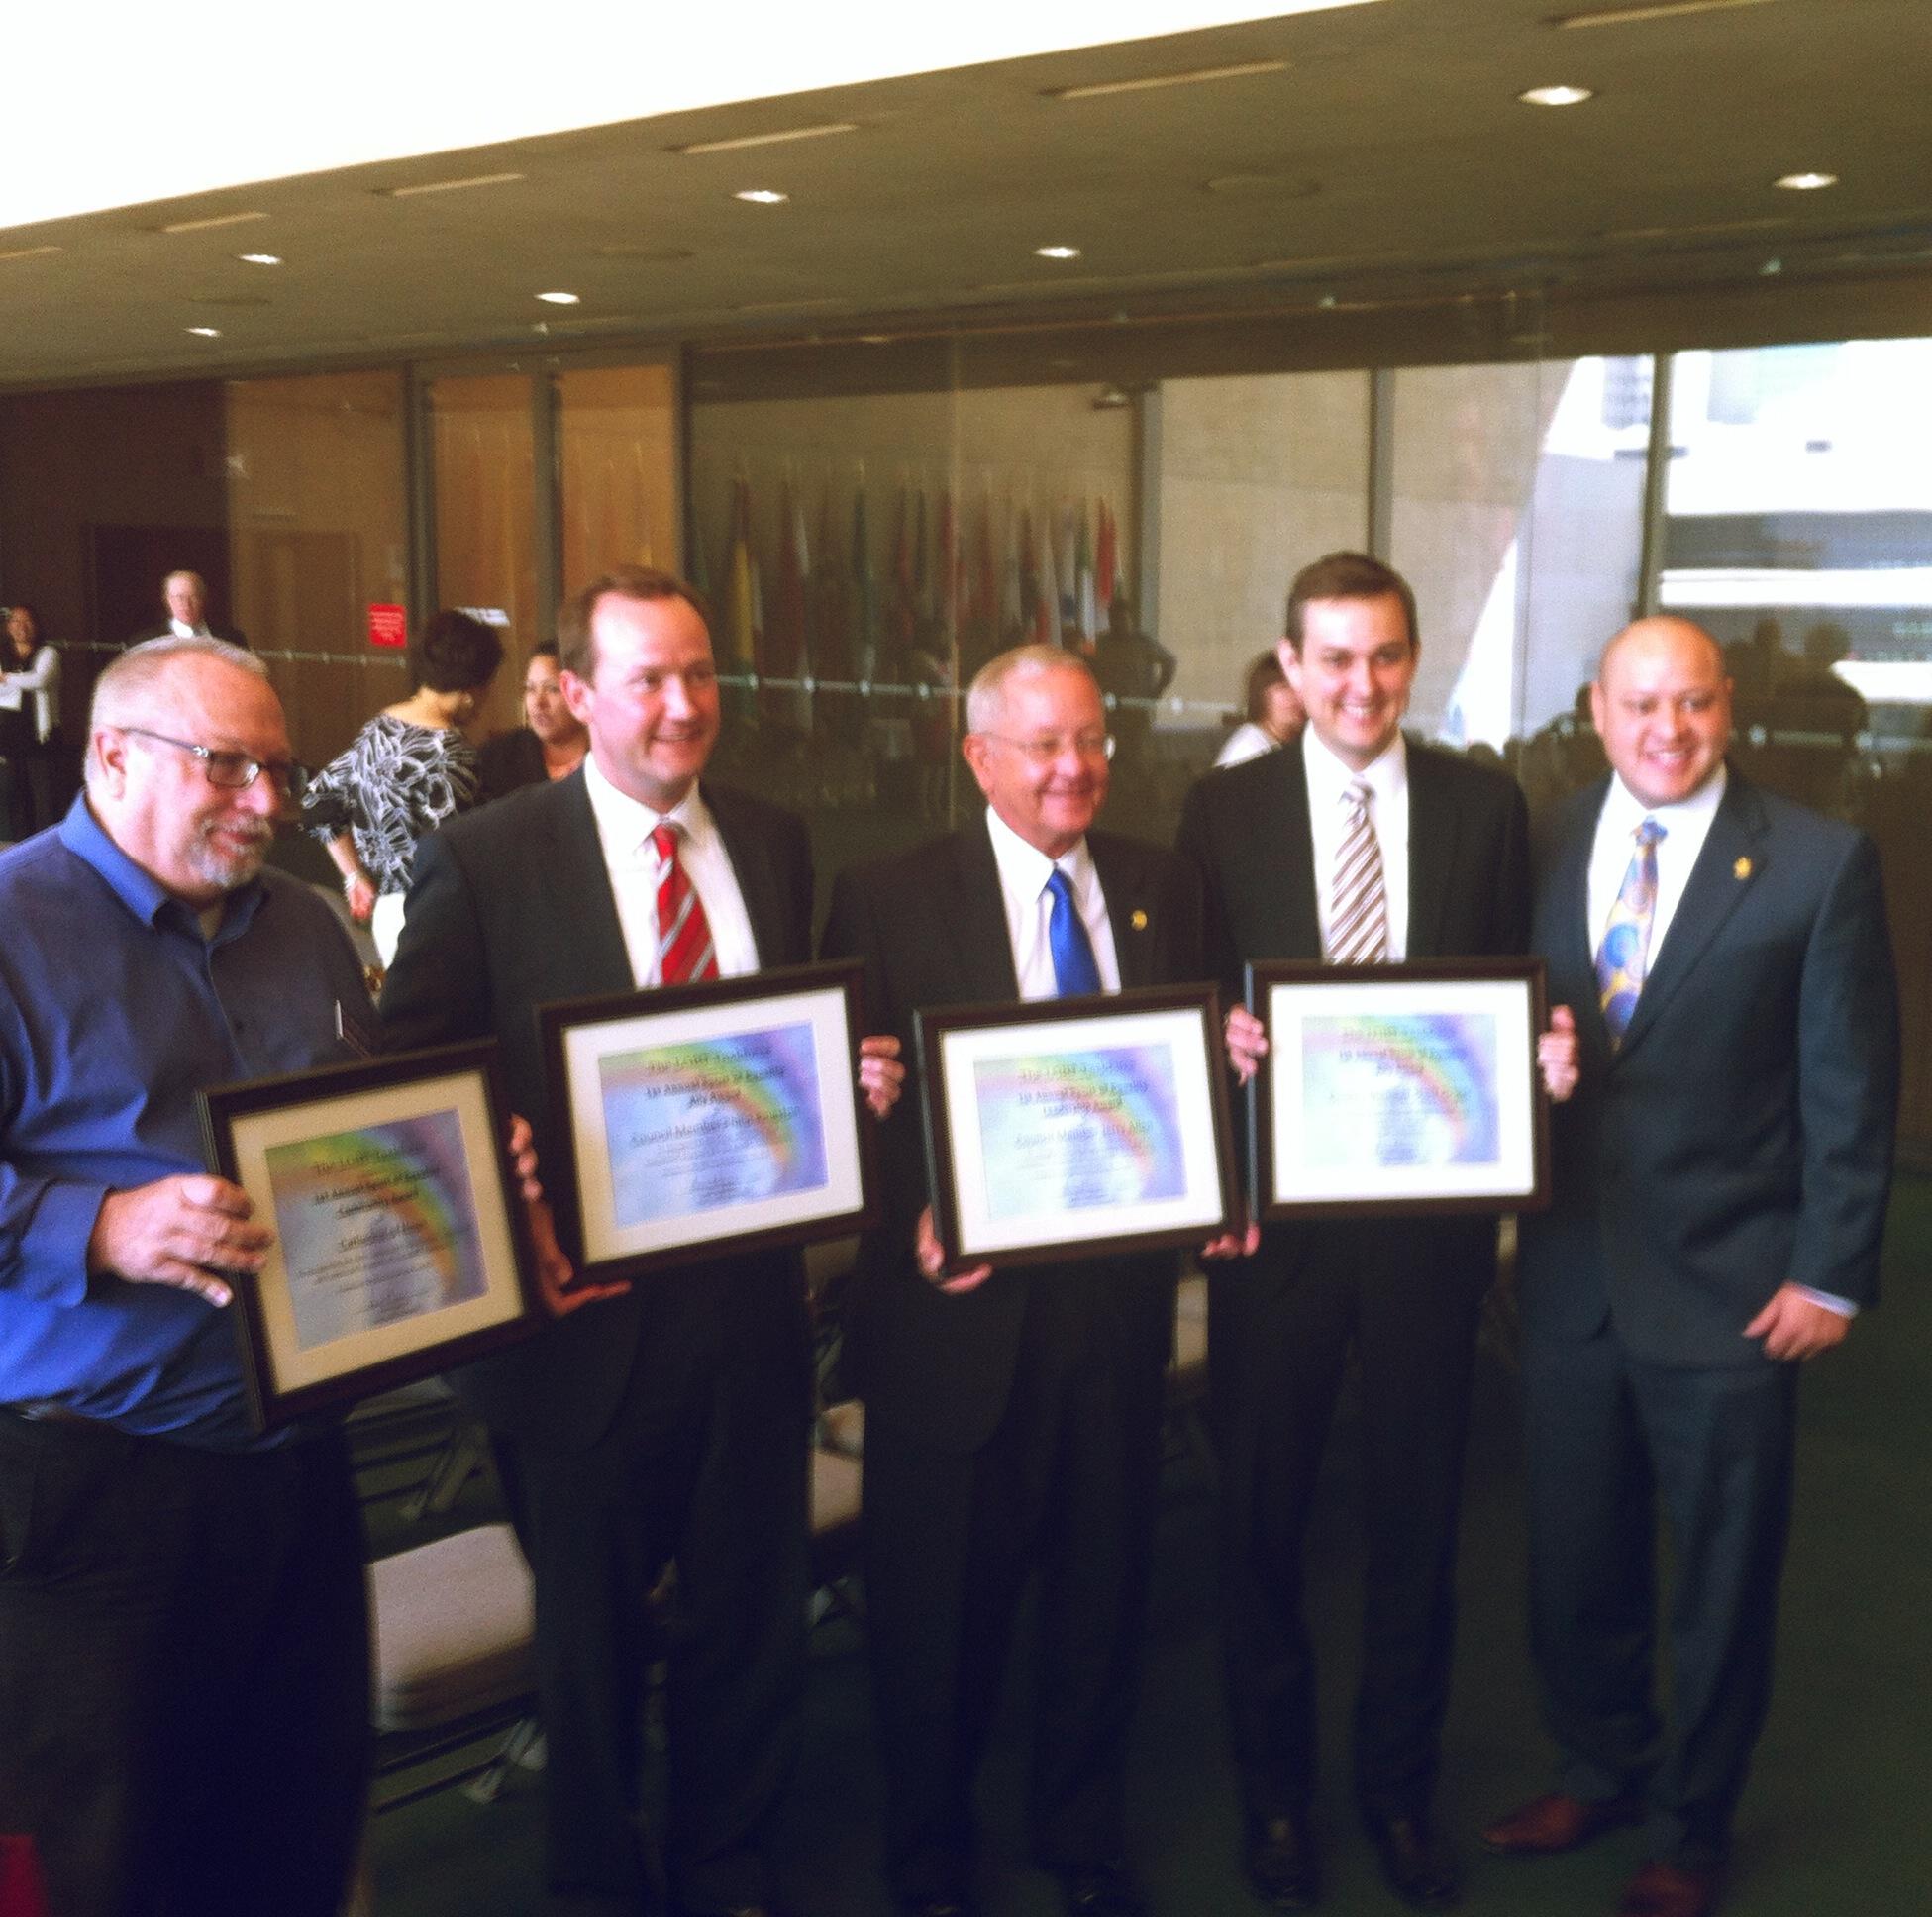 Dallas celebrates Pride at City Hall